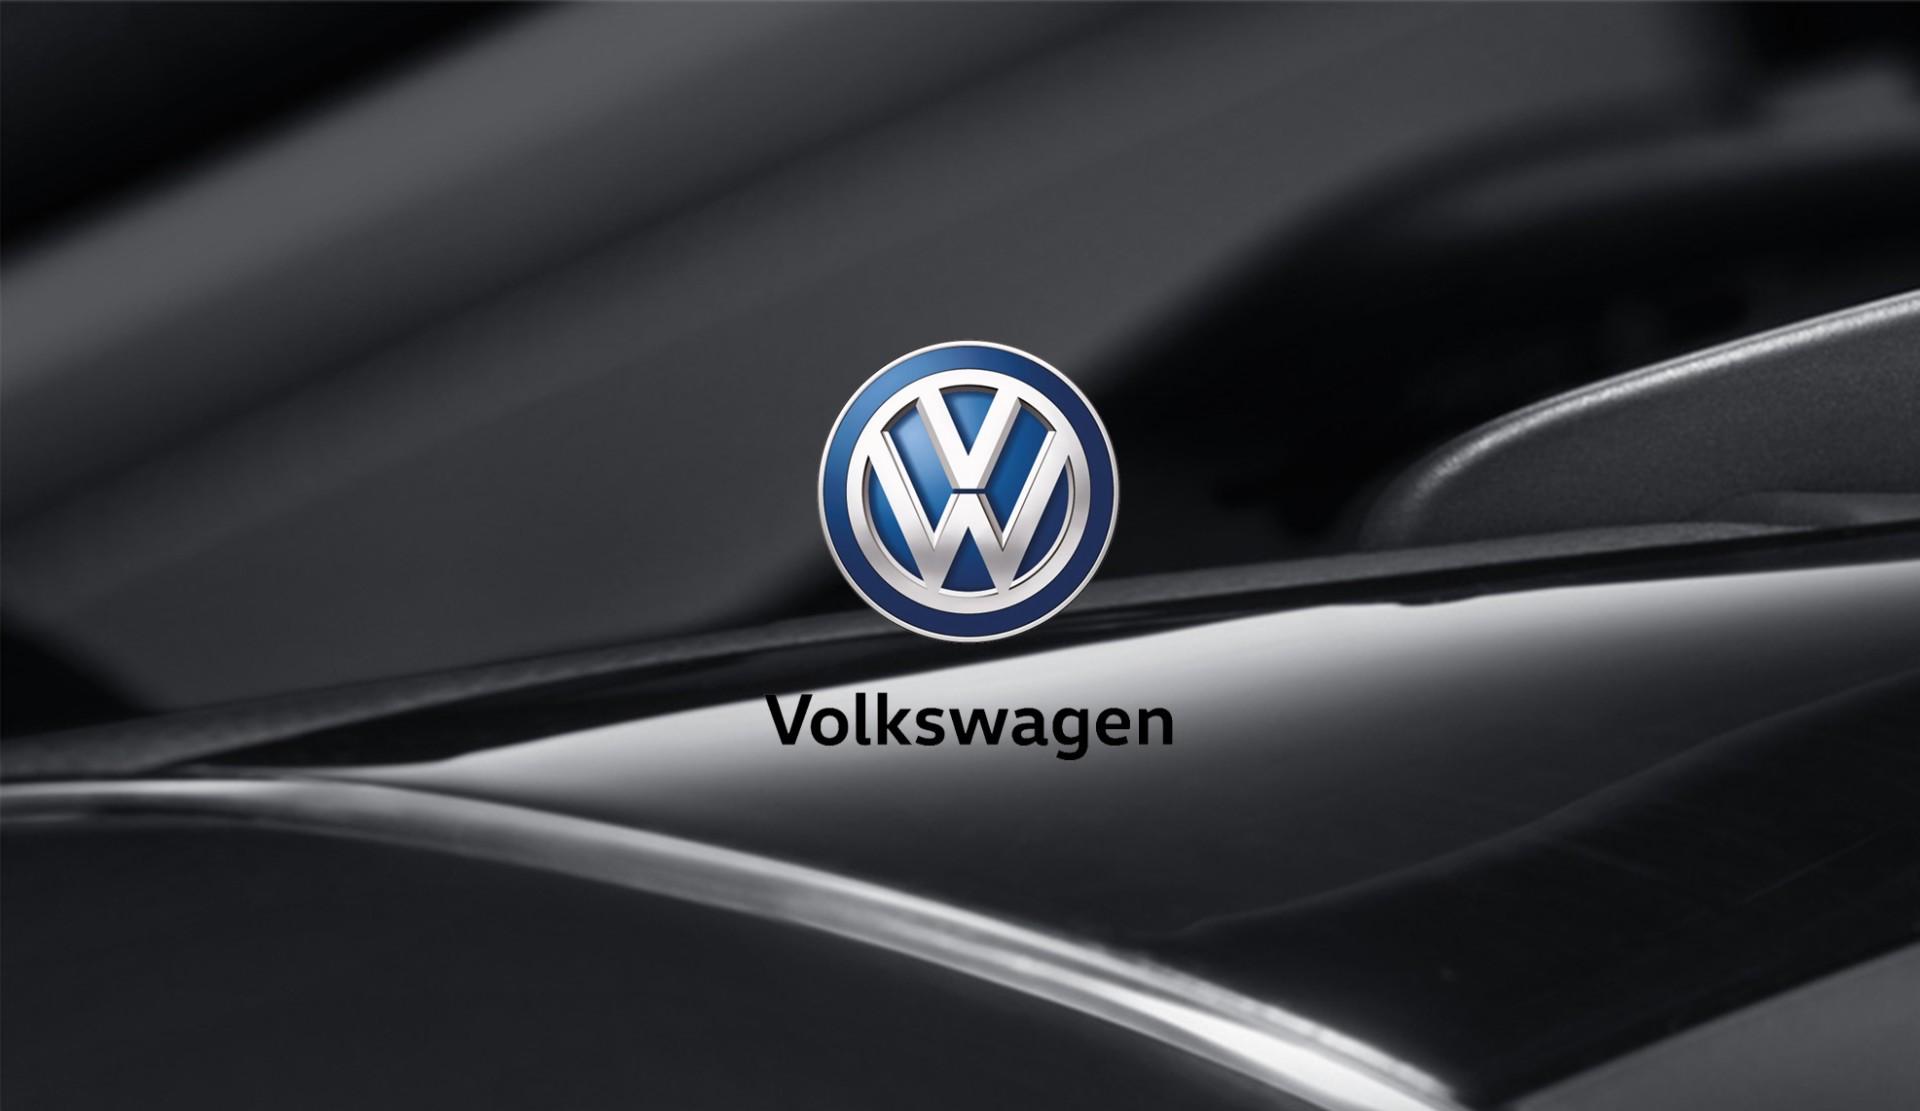 """大众弃用das auto广告语,新品牌logo曝光 去年,德国大众汽车深陷"""""""